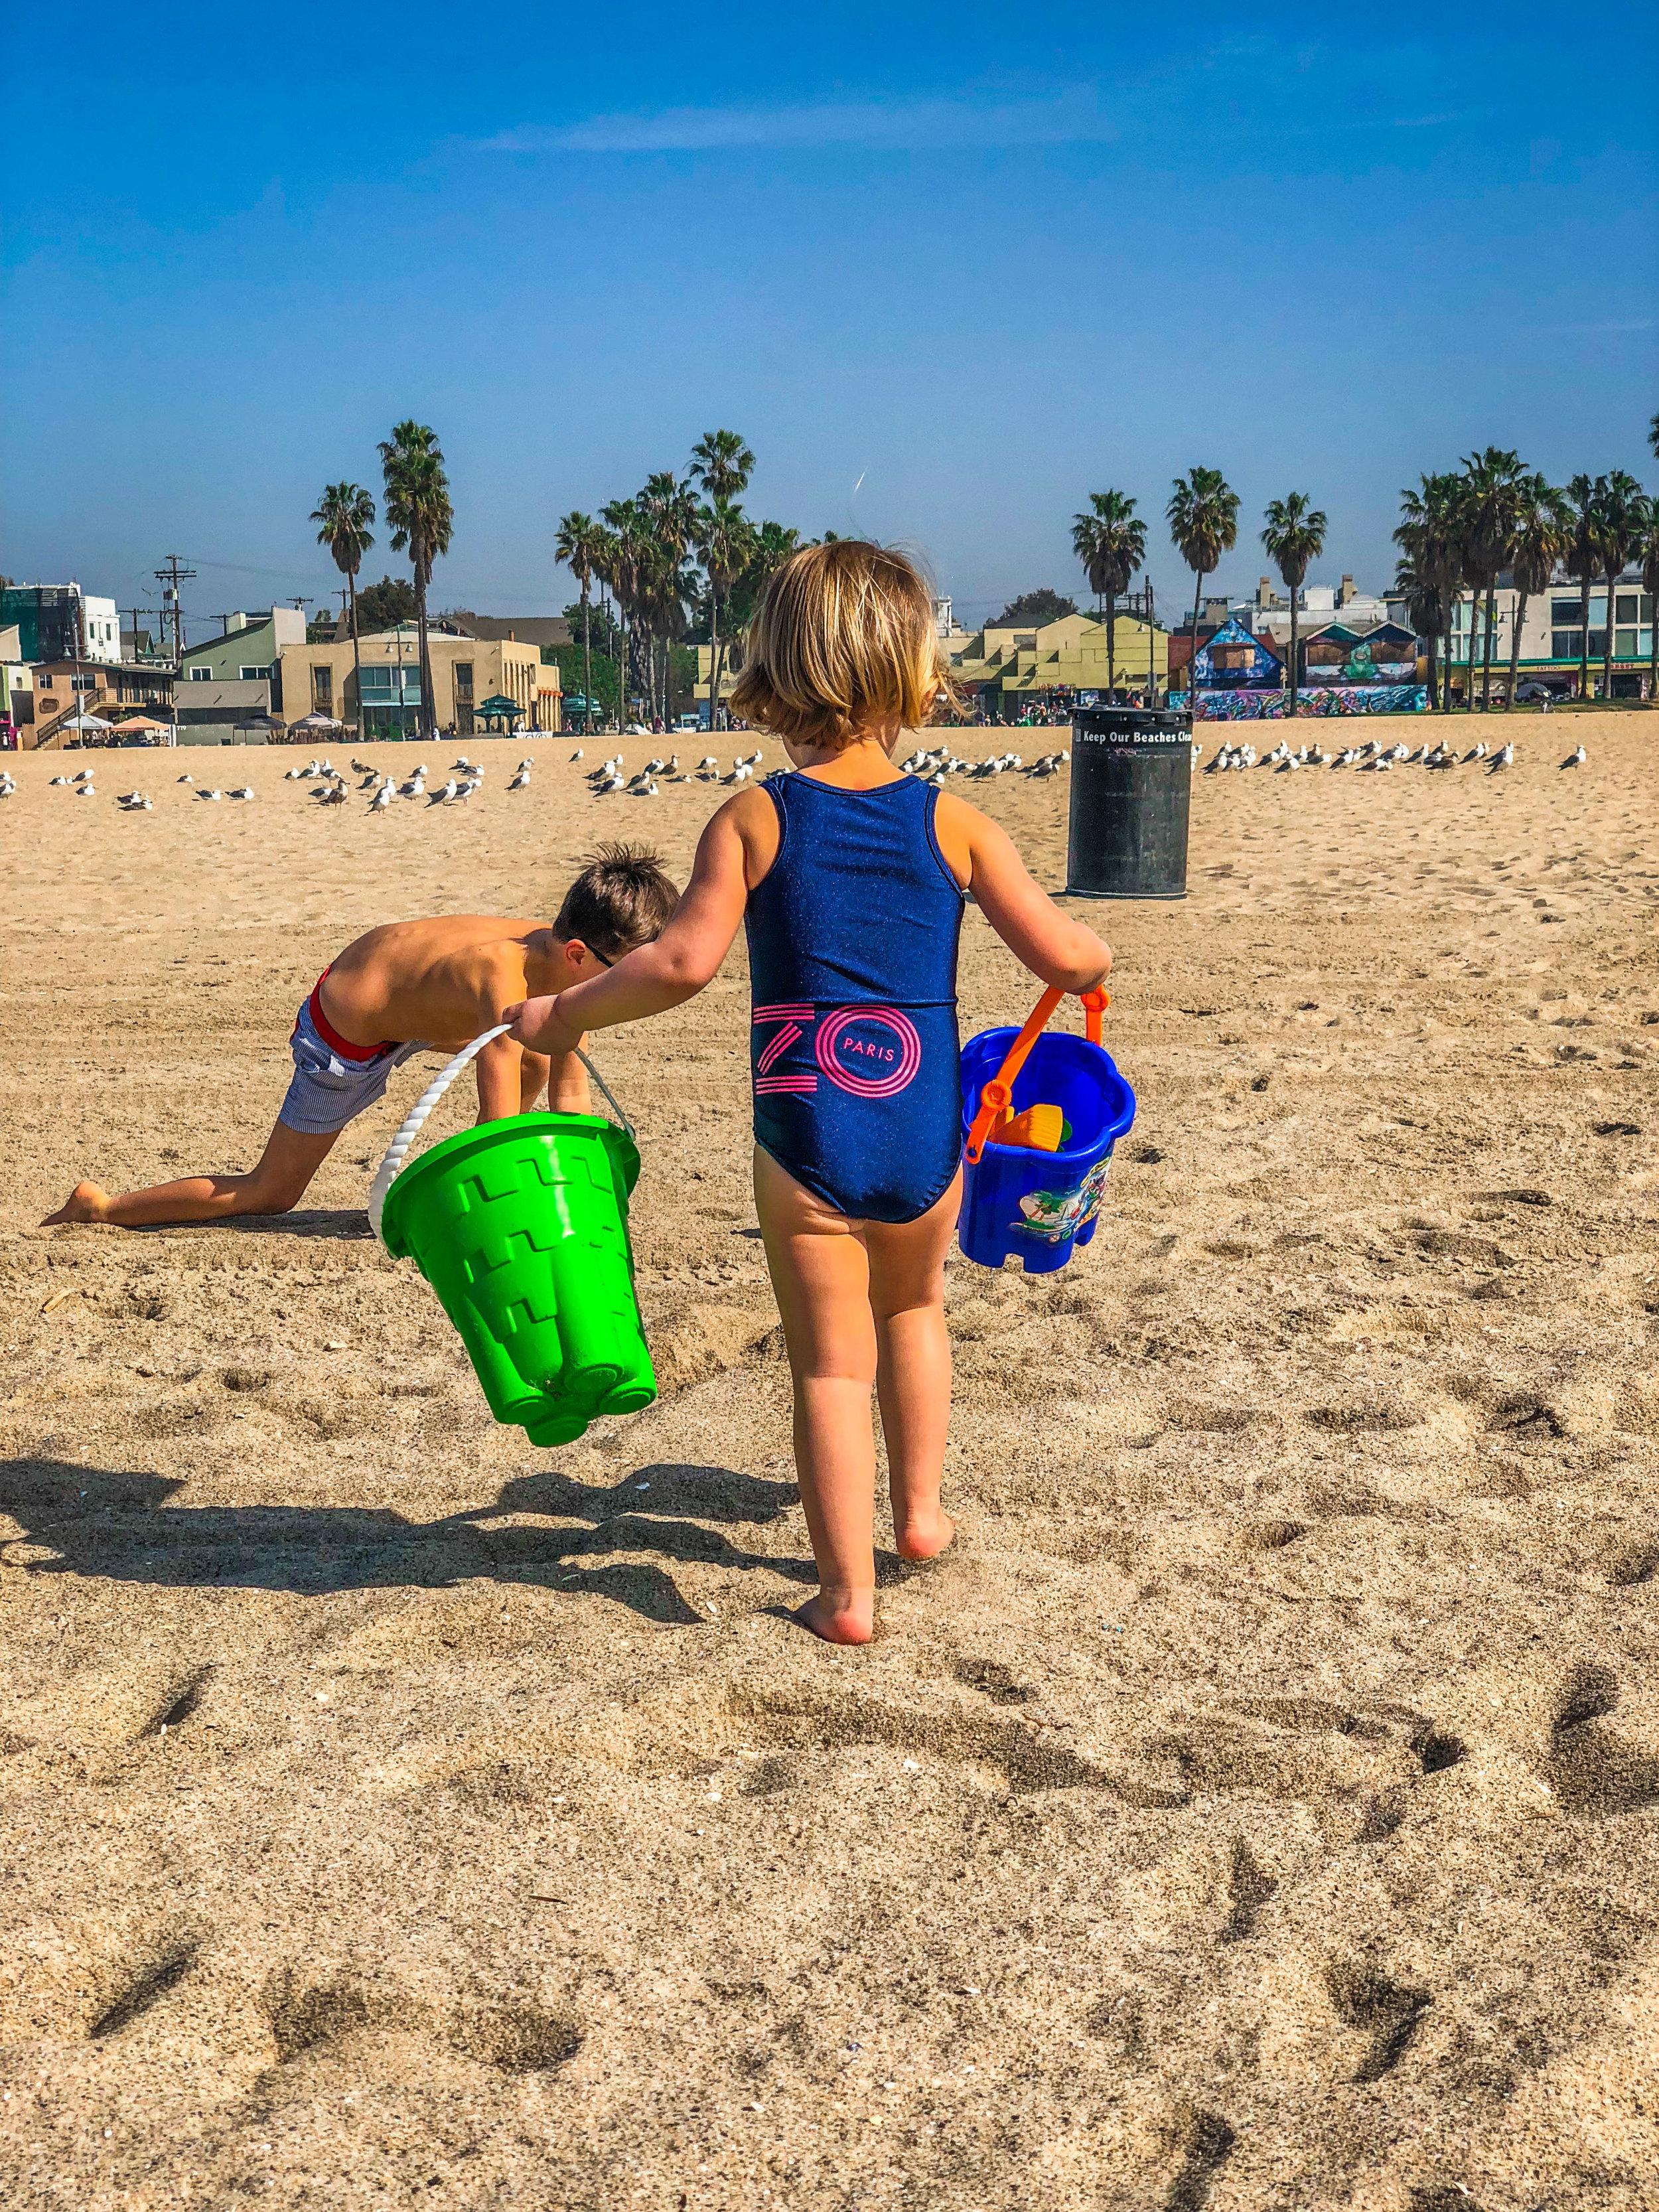 Los angeles  - venice beach strand - reizen met kinderen-8.jpg